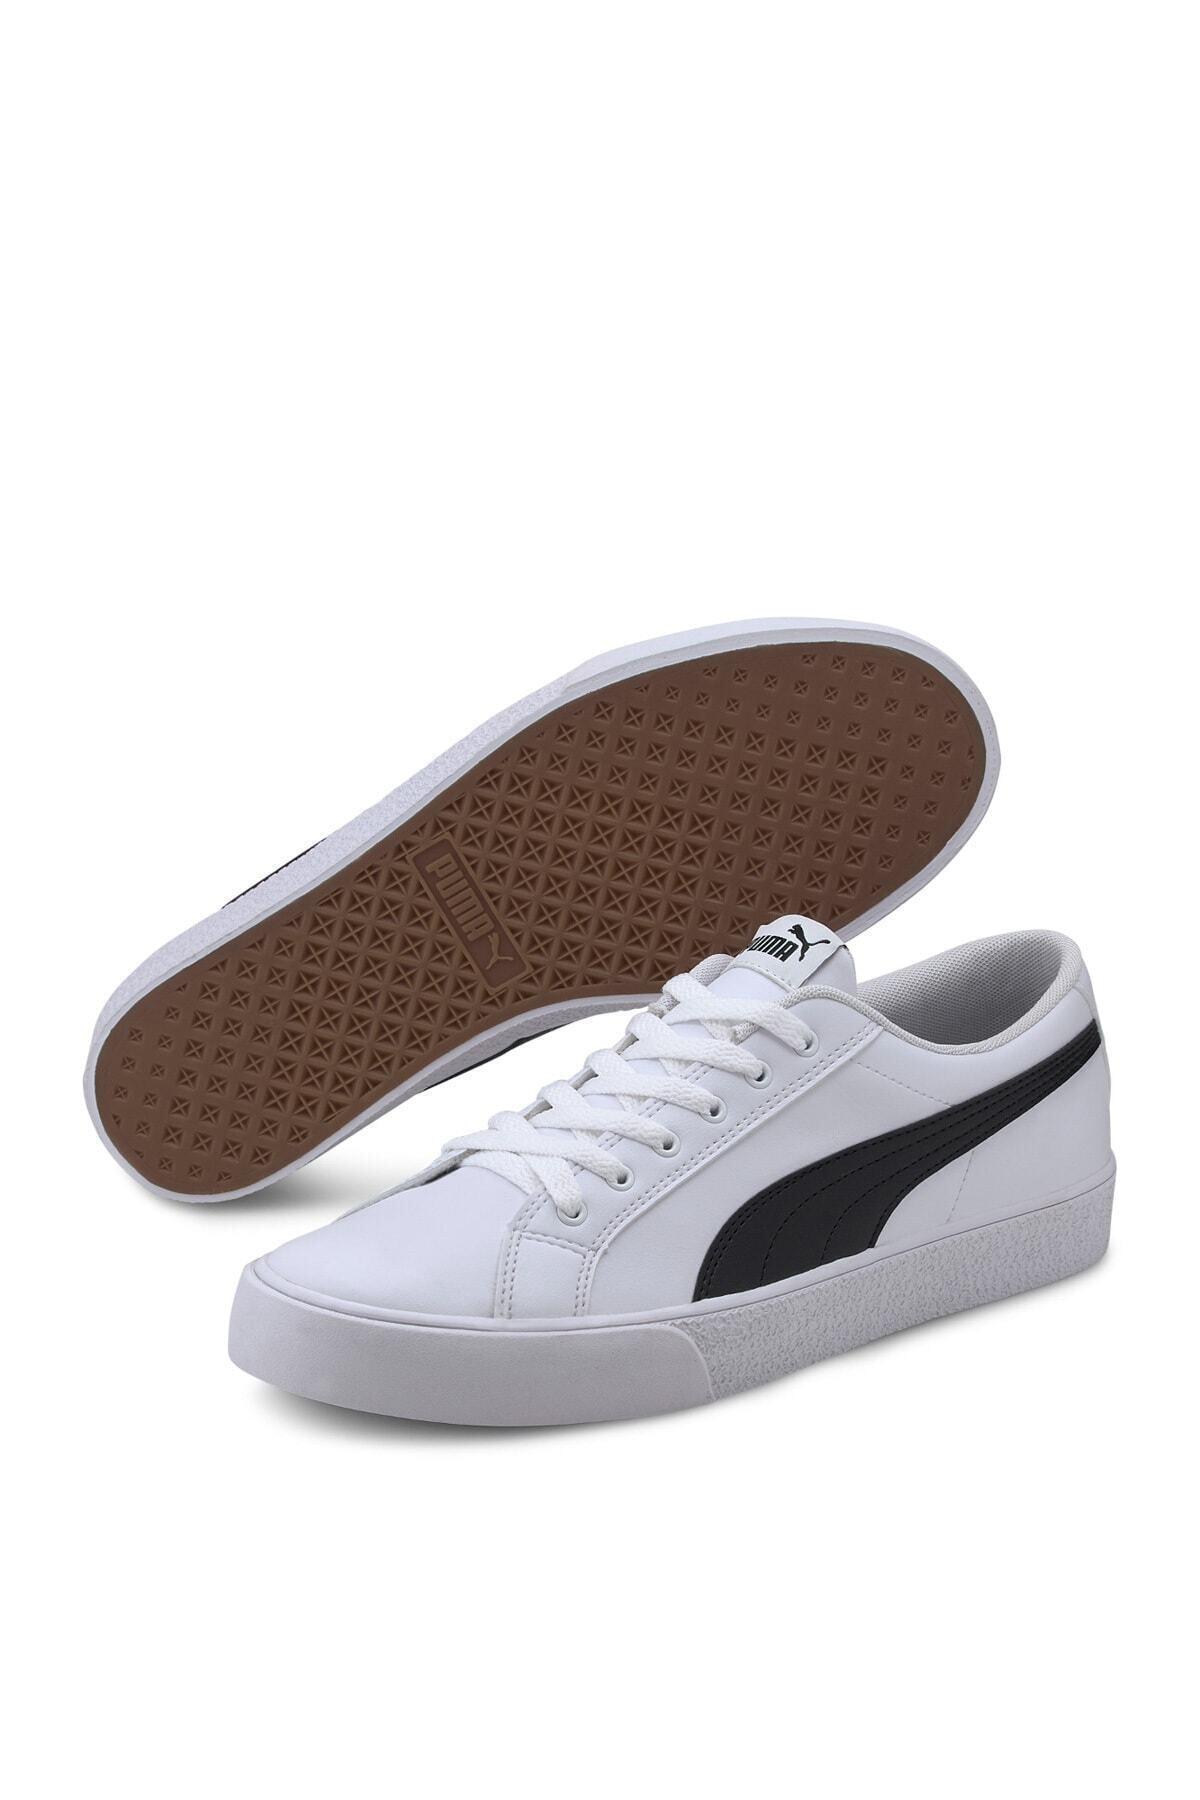 Puma Erkek Beyaz Barı Z Günlük Spor Ayakkabı 37303301 1